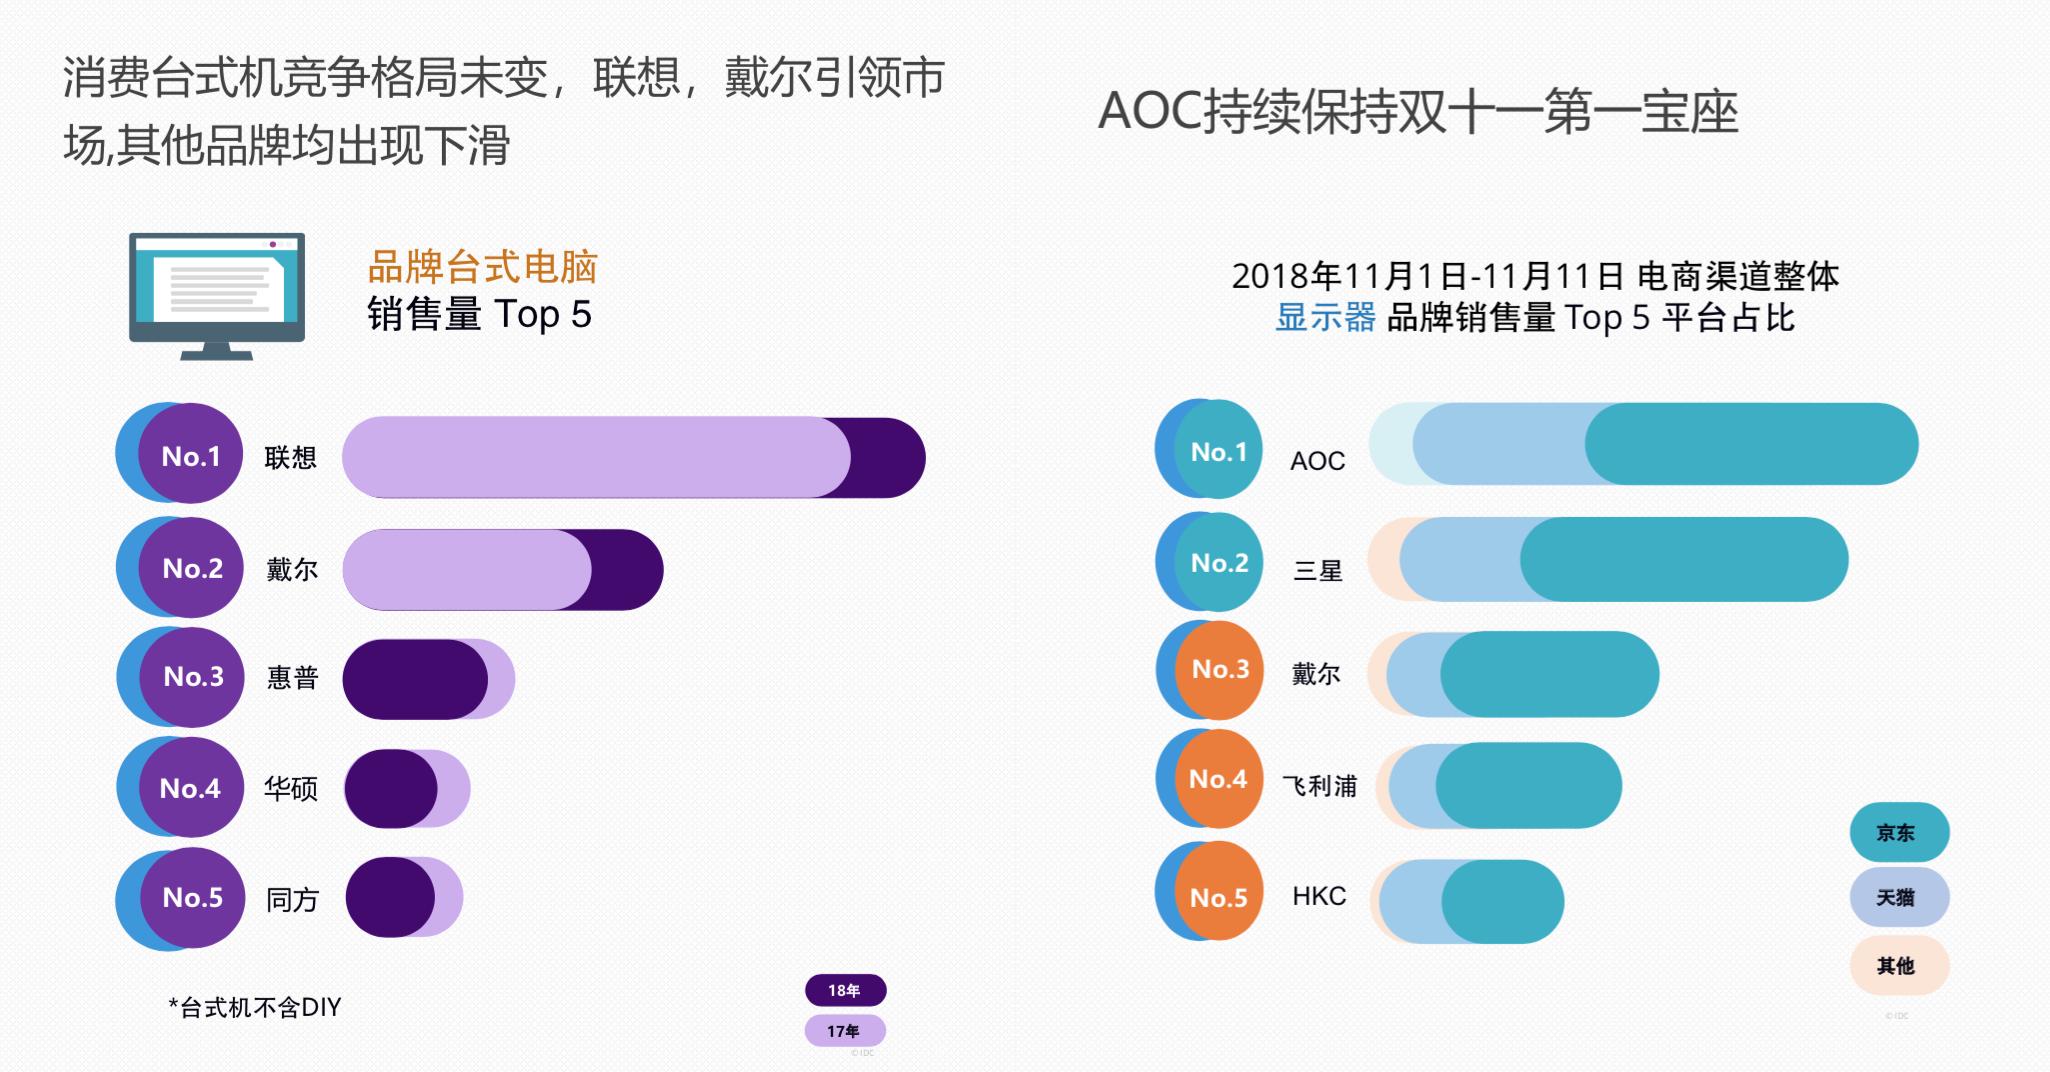 IDC:笔记本销量京东占电商整体74.7%,领跑各大电商平台